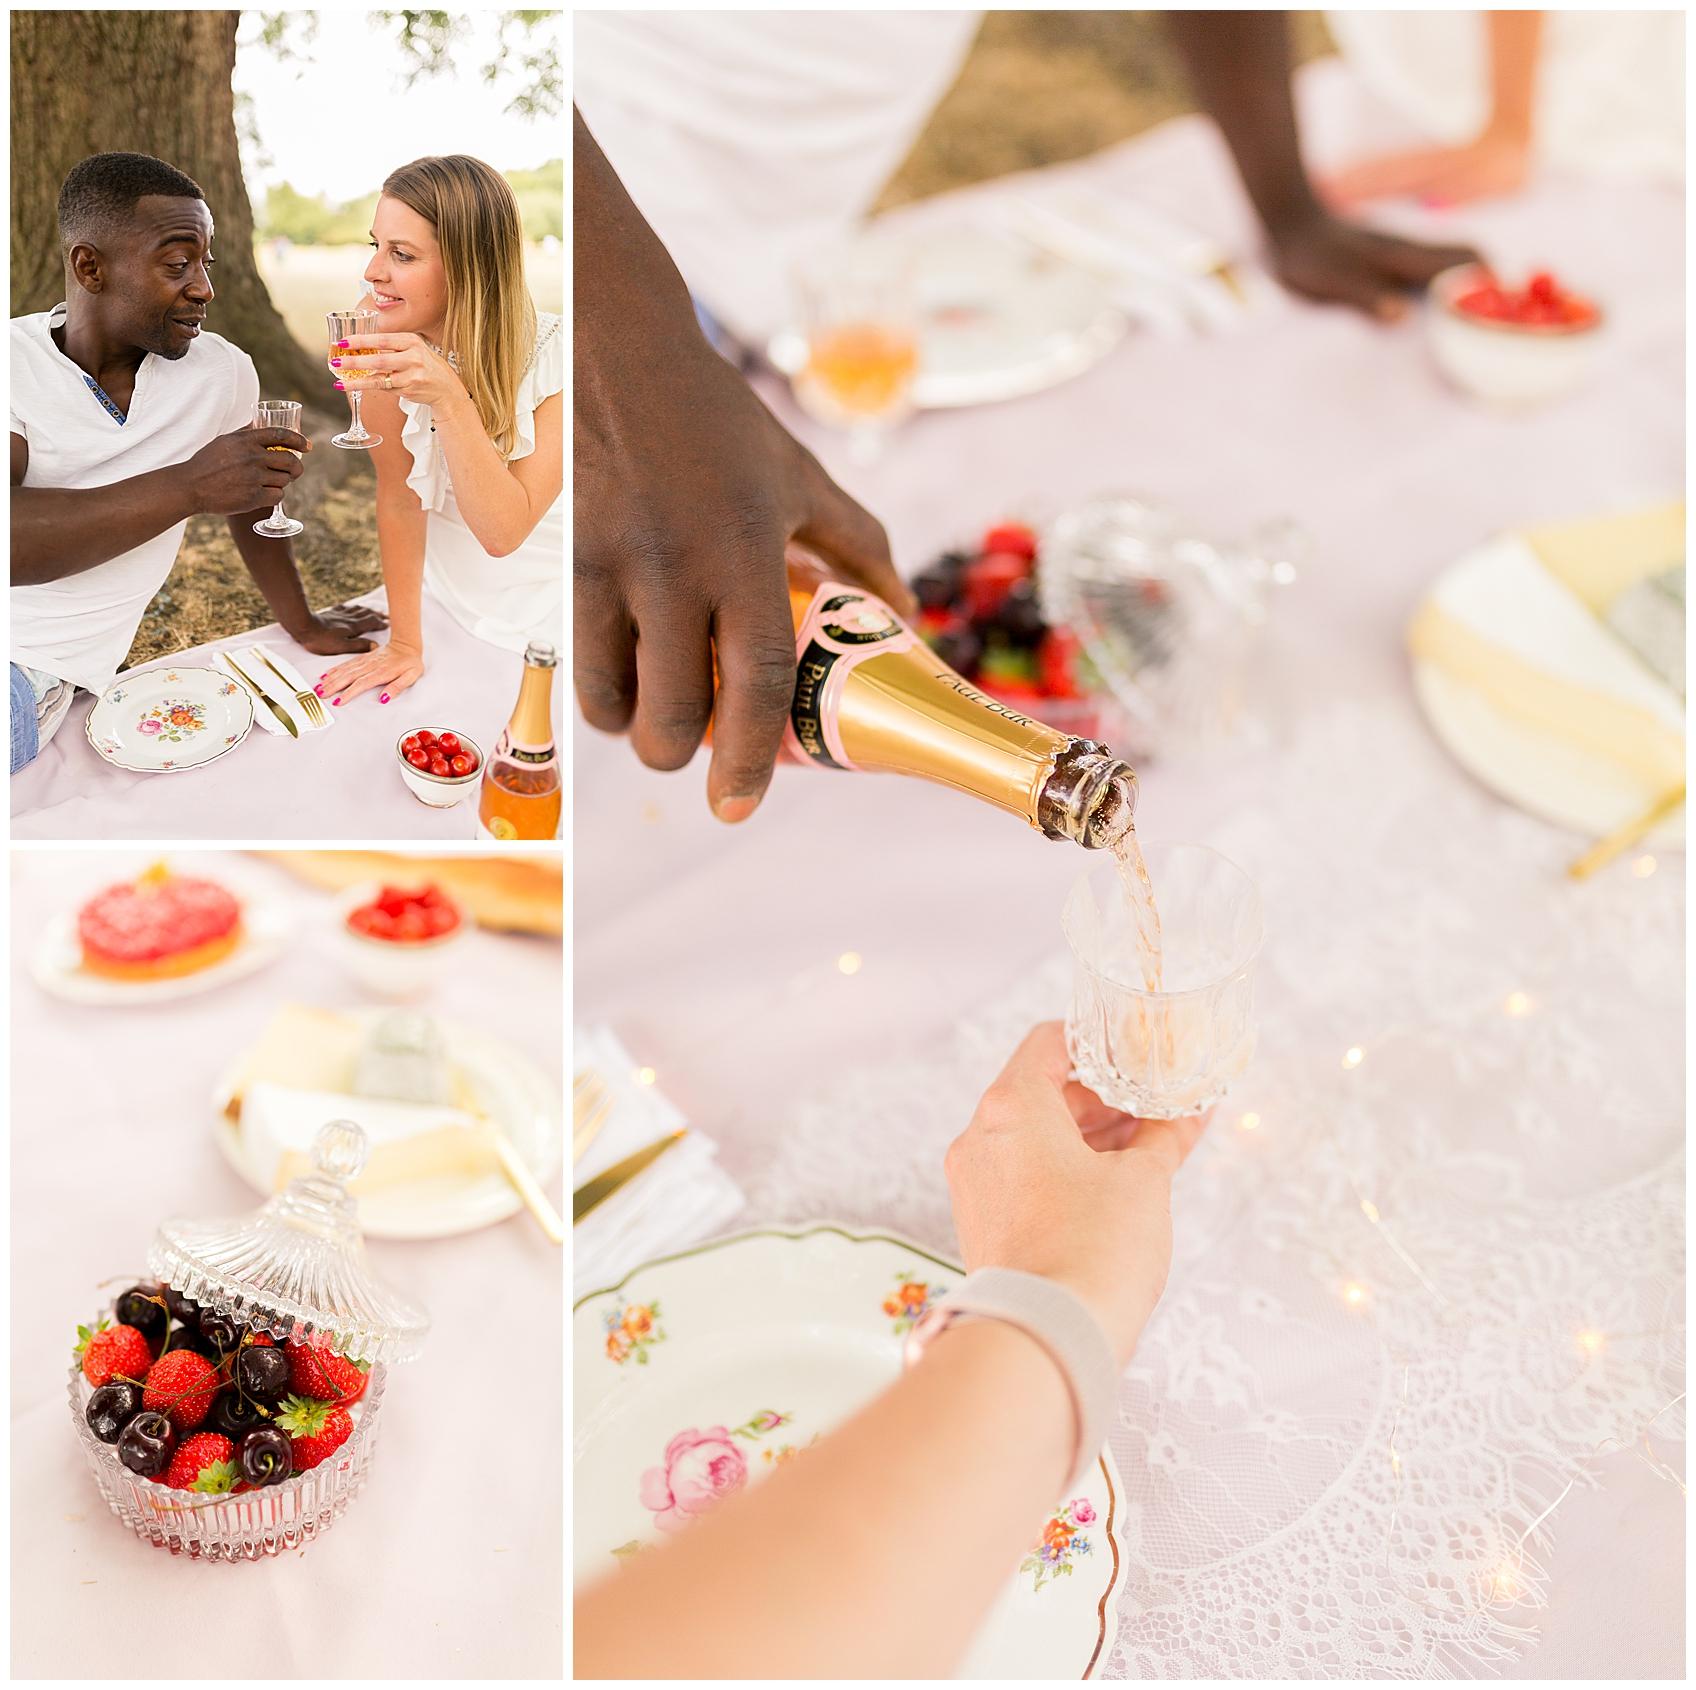 Photographe mariage Troyes - Engagement Parc de Sceaux